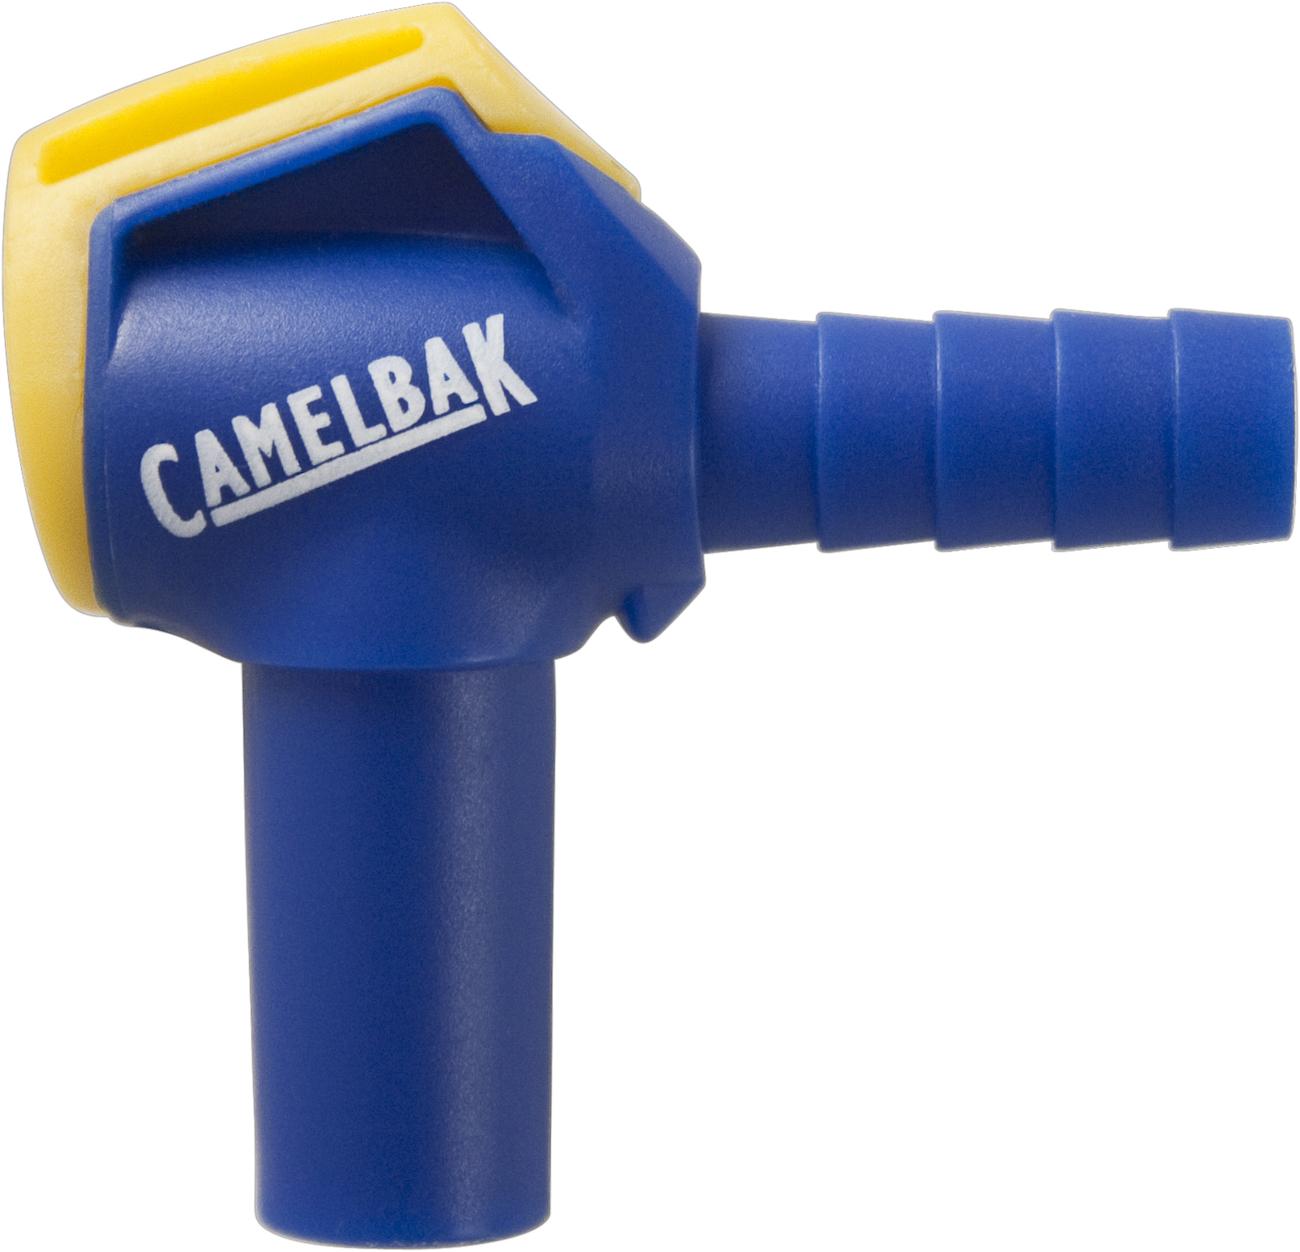 Camelbak - Ergo HydroLock